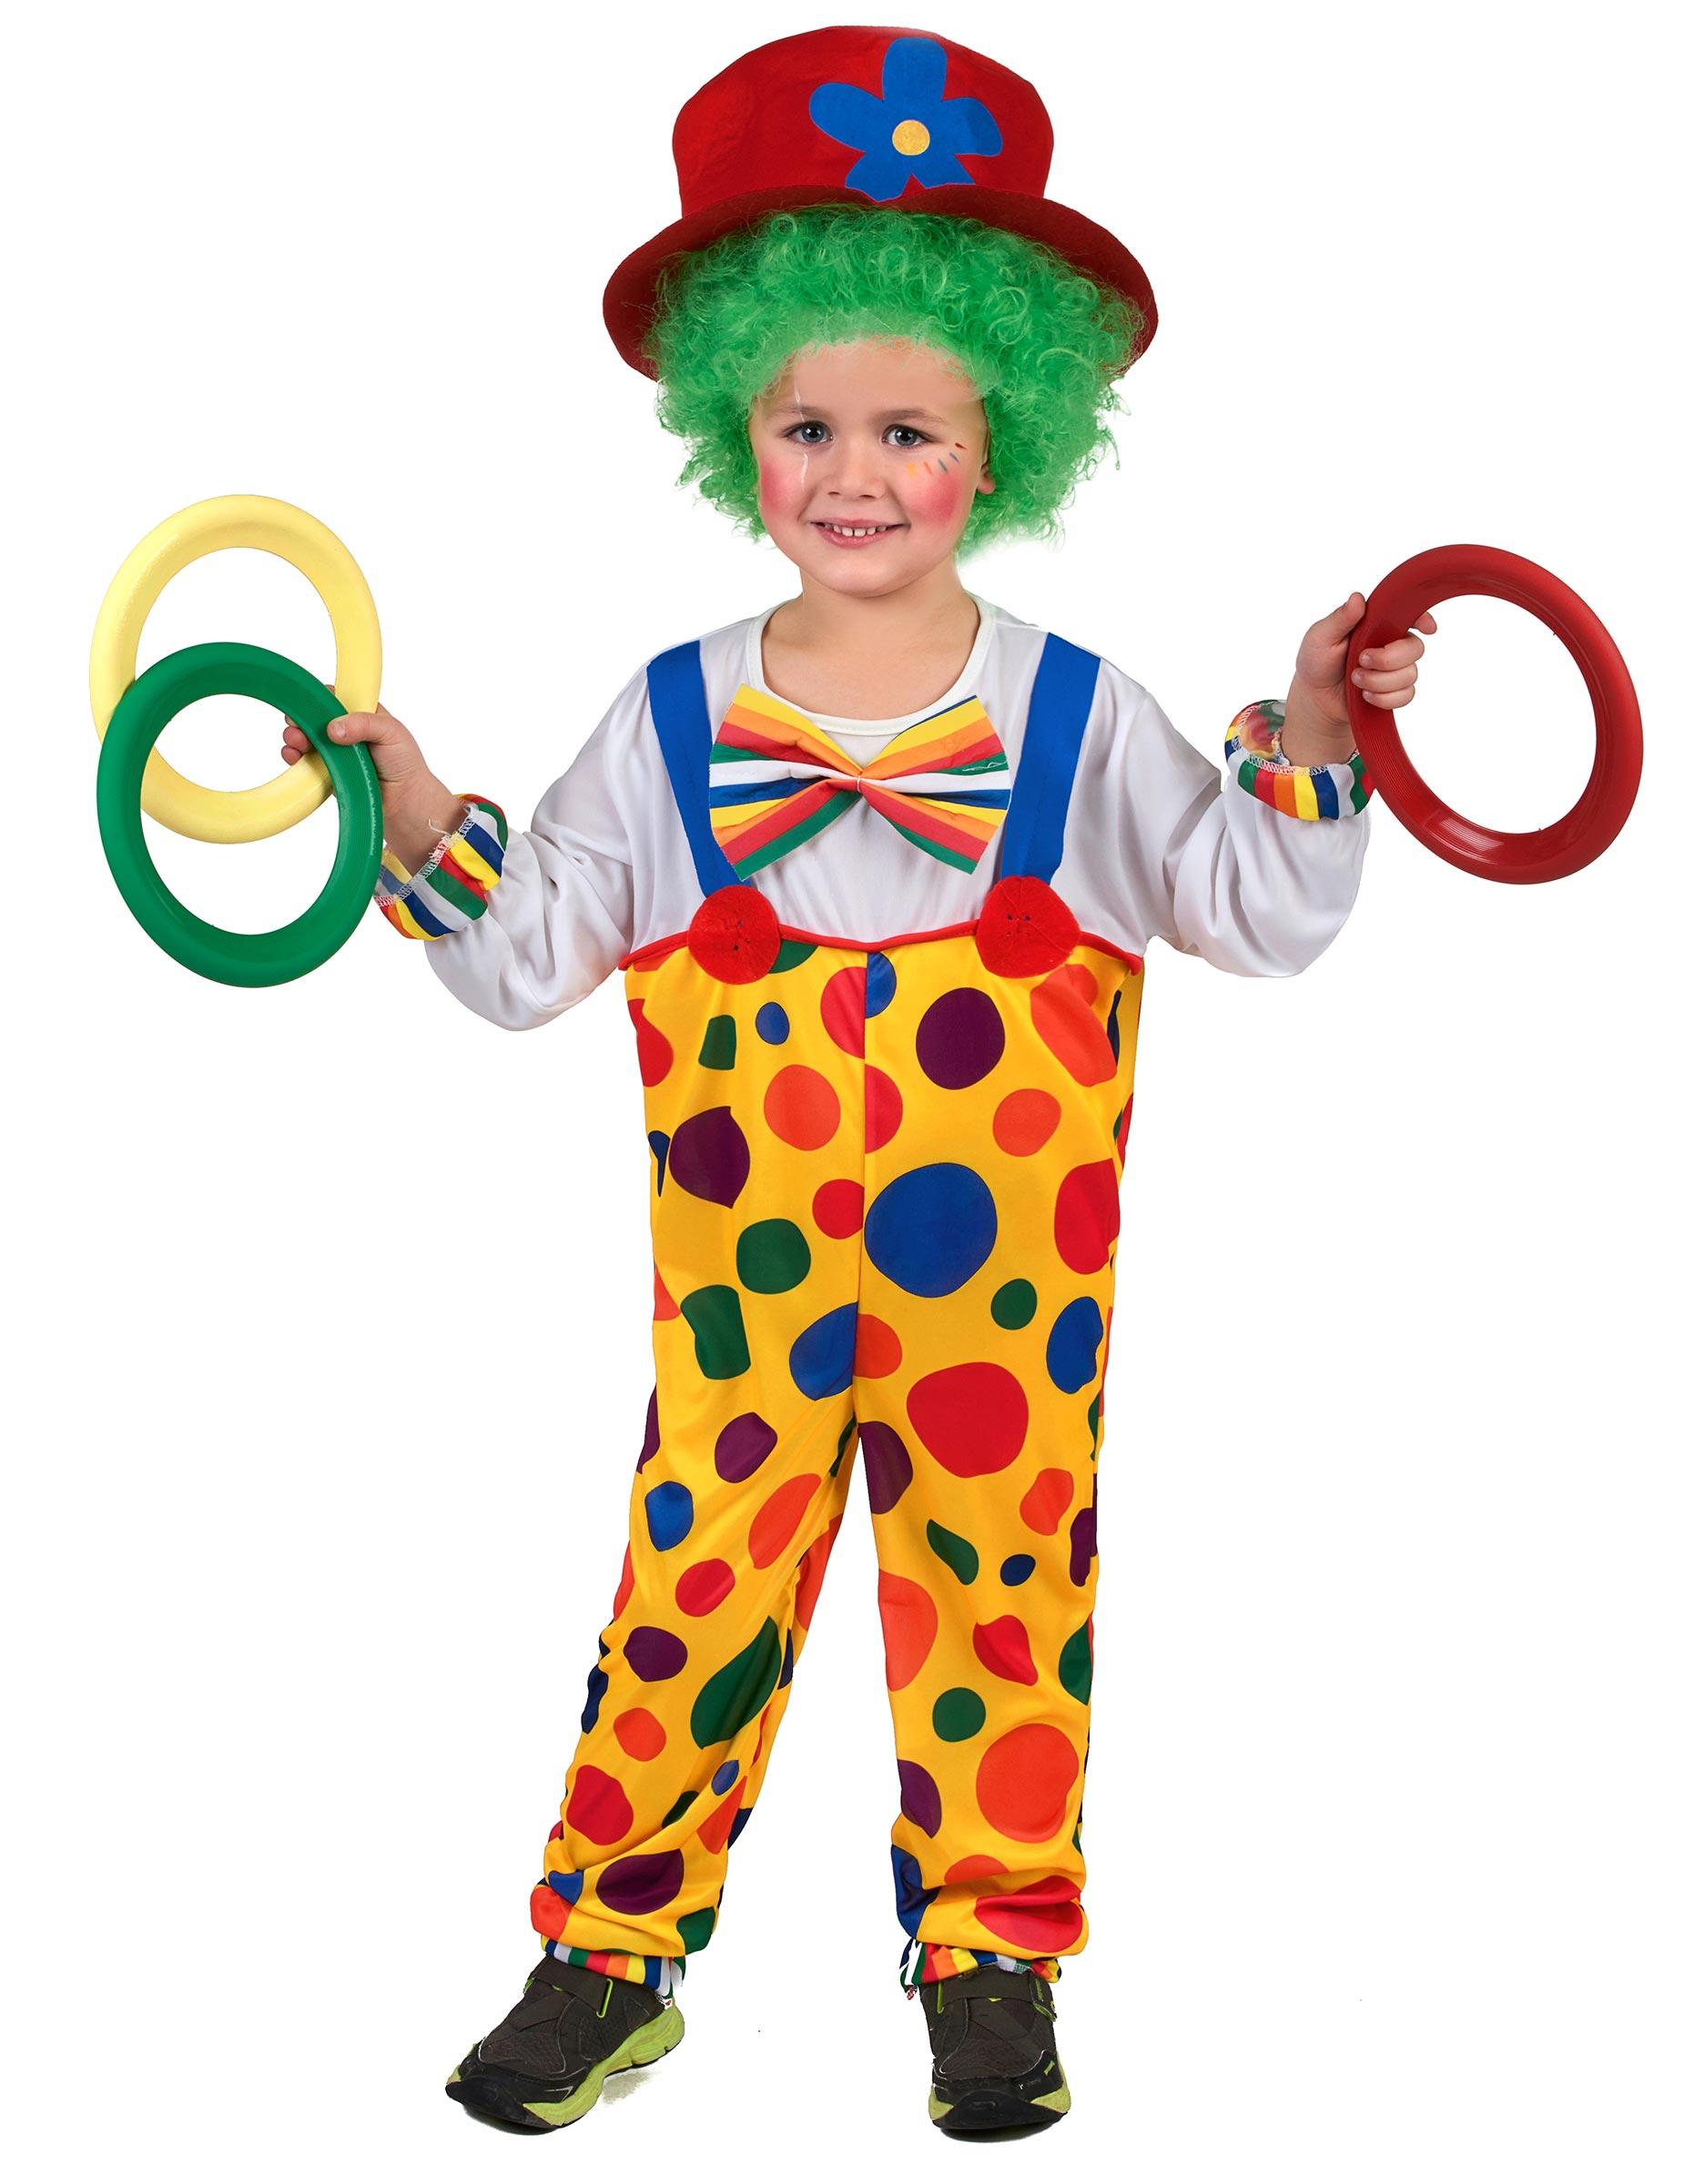 a51dd6d8e97b Vestiti di Carnevale per bambini a tema circo - Vegaoo.it